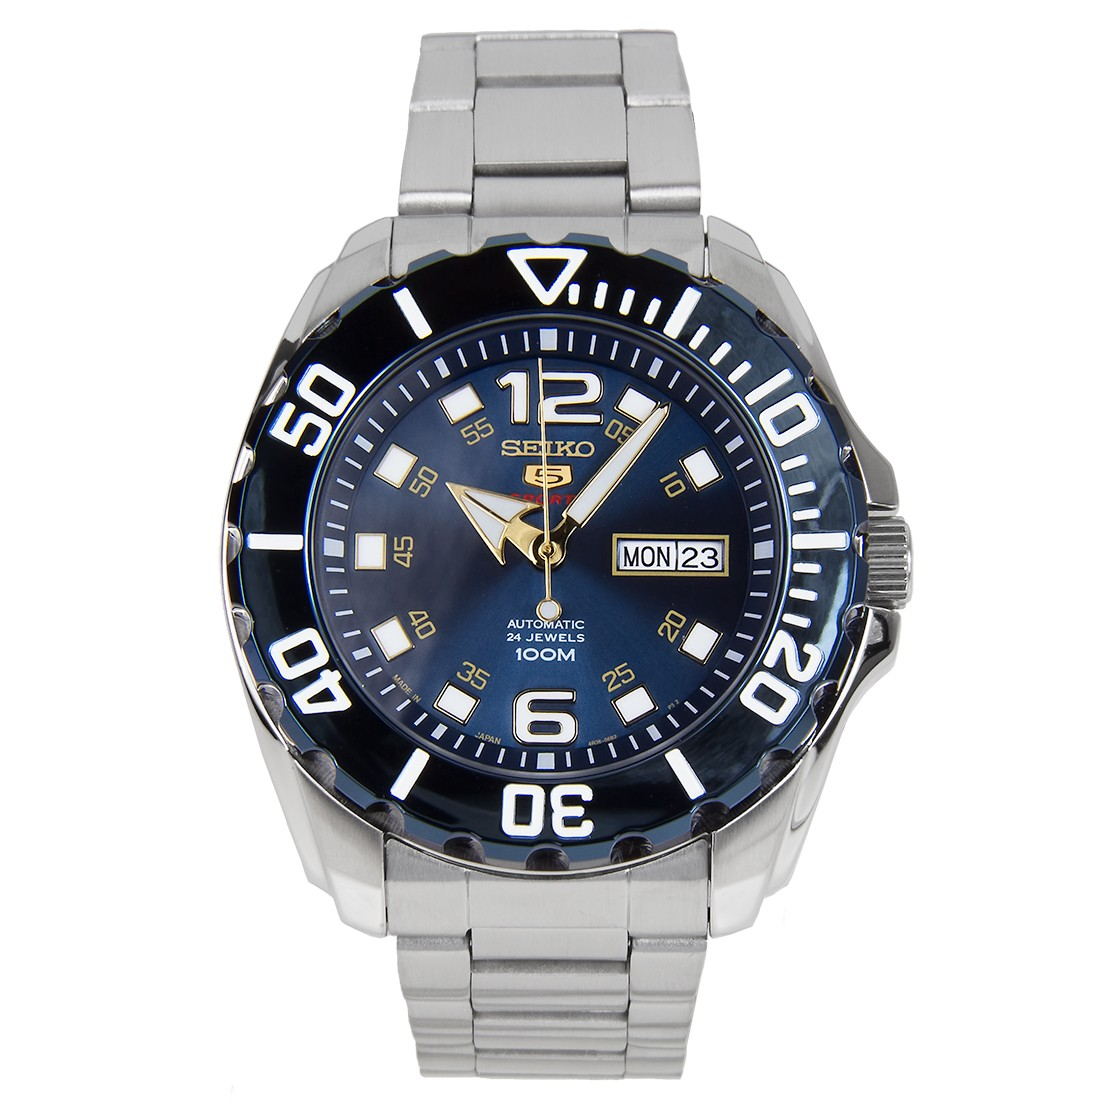 นาฬิกาข้อมือ Seiko 5 Sports Automatic (New Baby Monster) SRPB37J1 Made in Japan